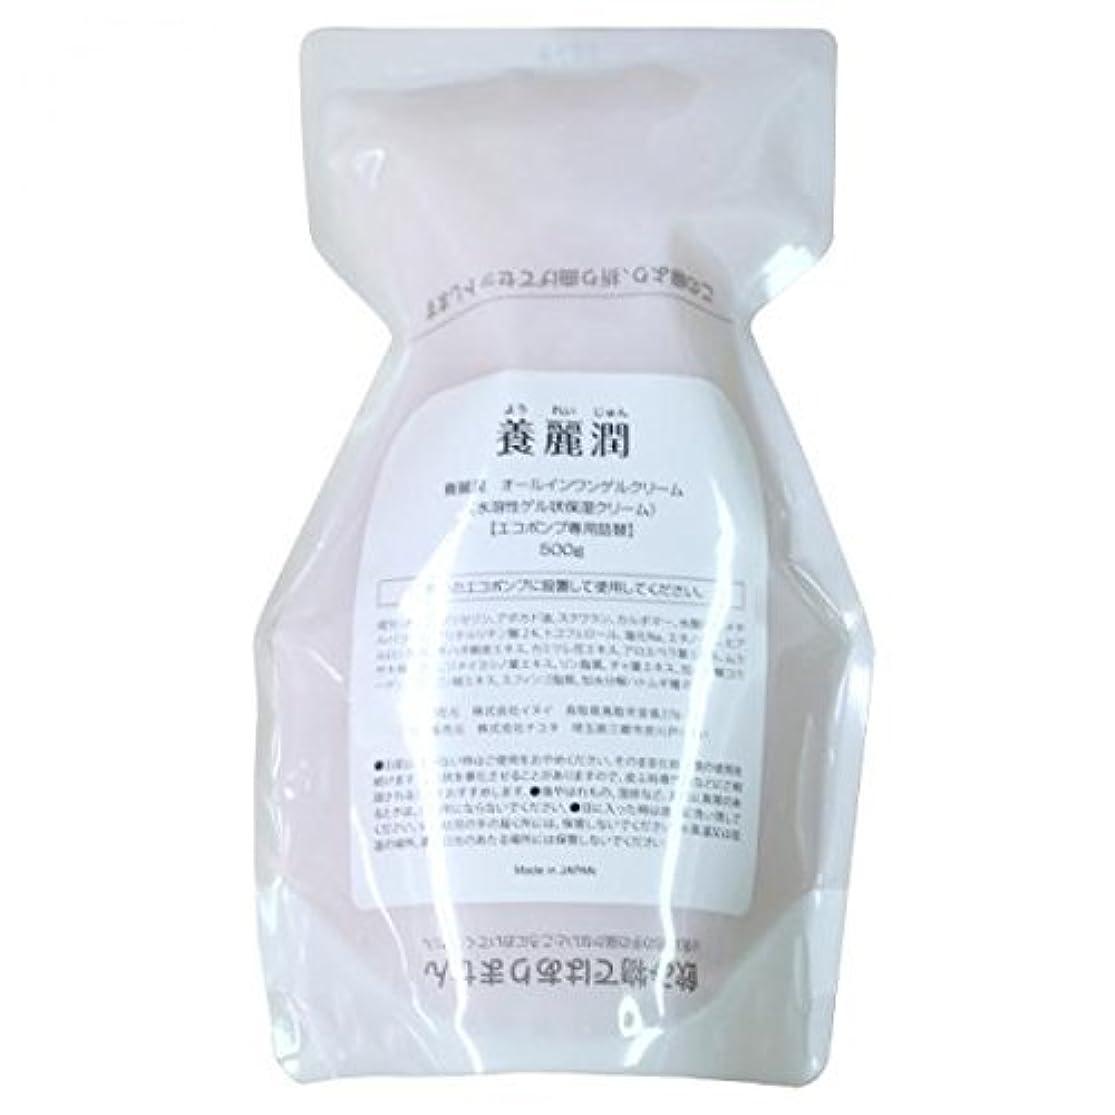 コントラストシャッター速度養麗潤(ようれいじゅん) 詰め替え用500g